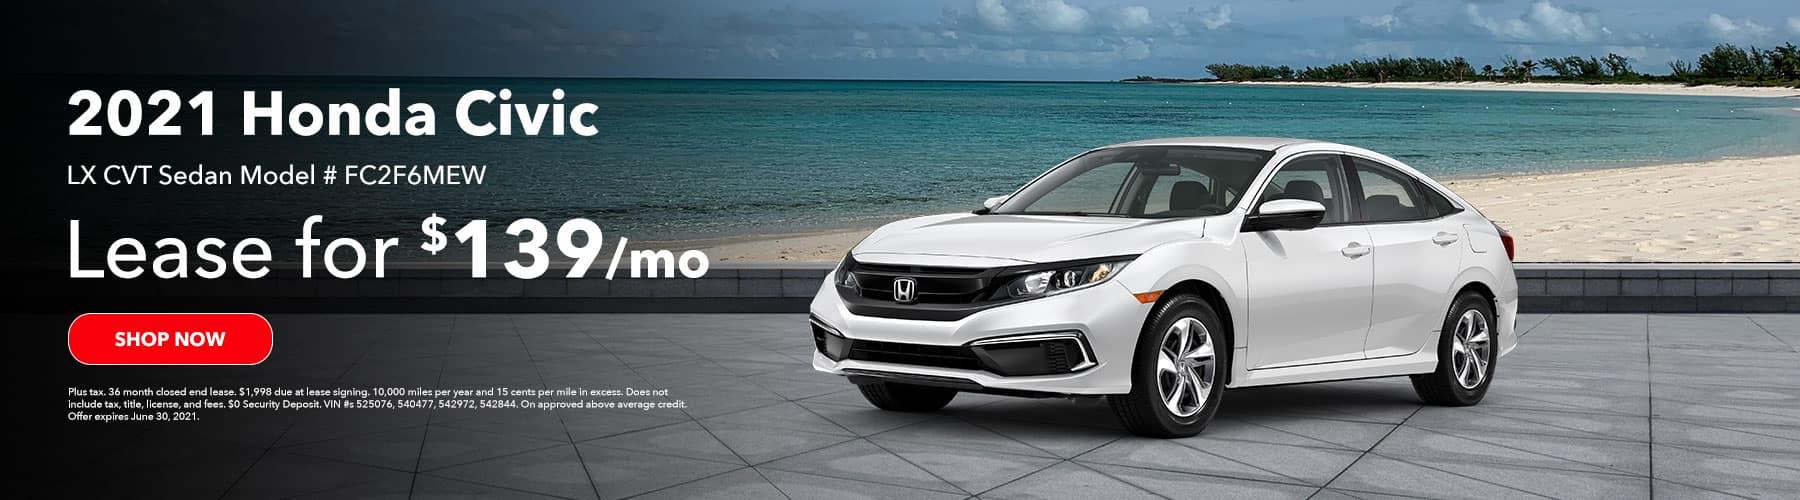 2021 Honda Civic LX Sedan Model # FC2F6MEW